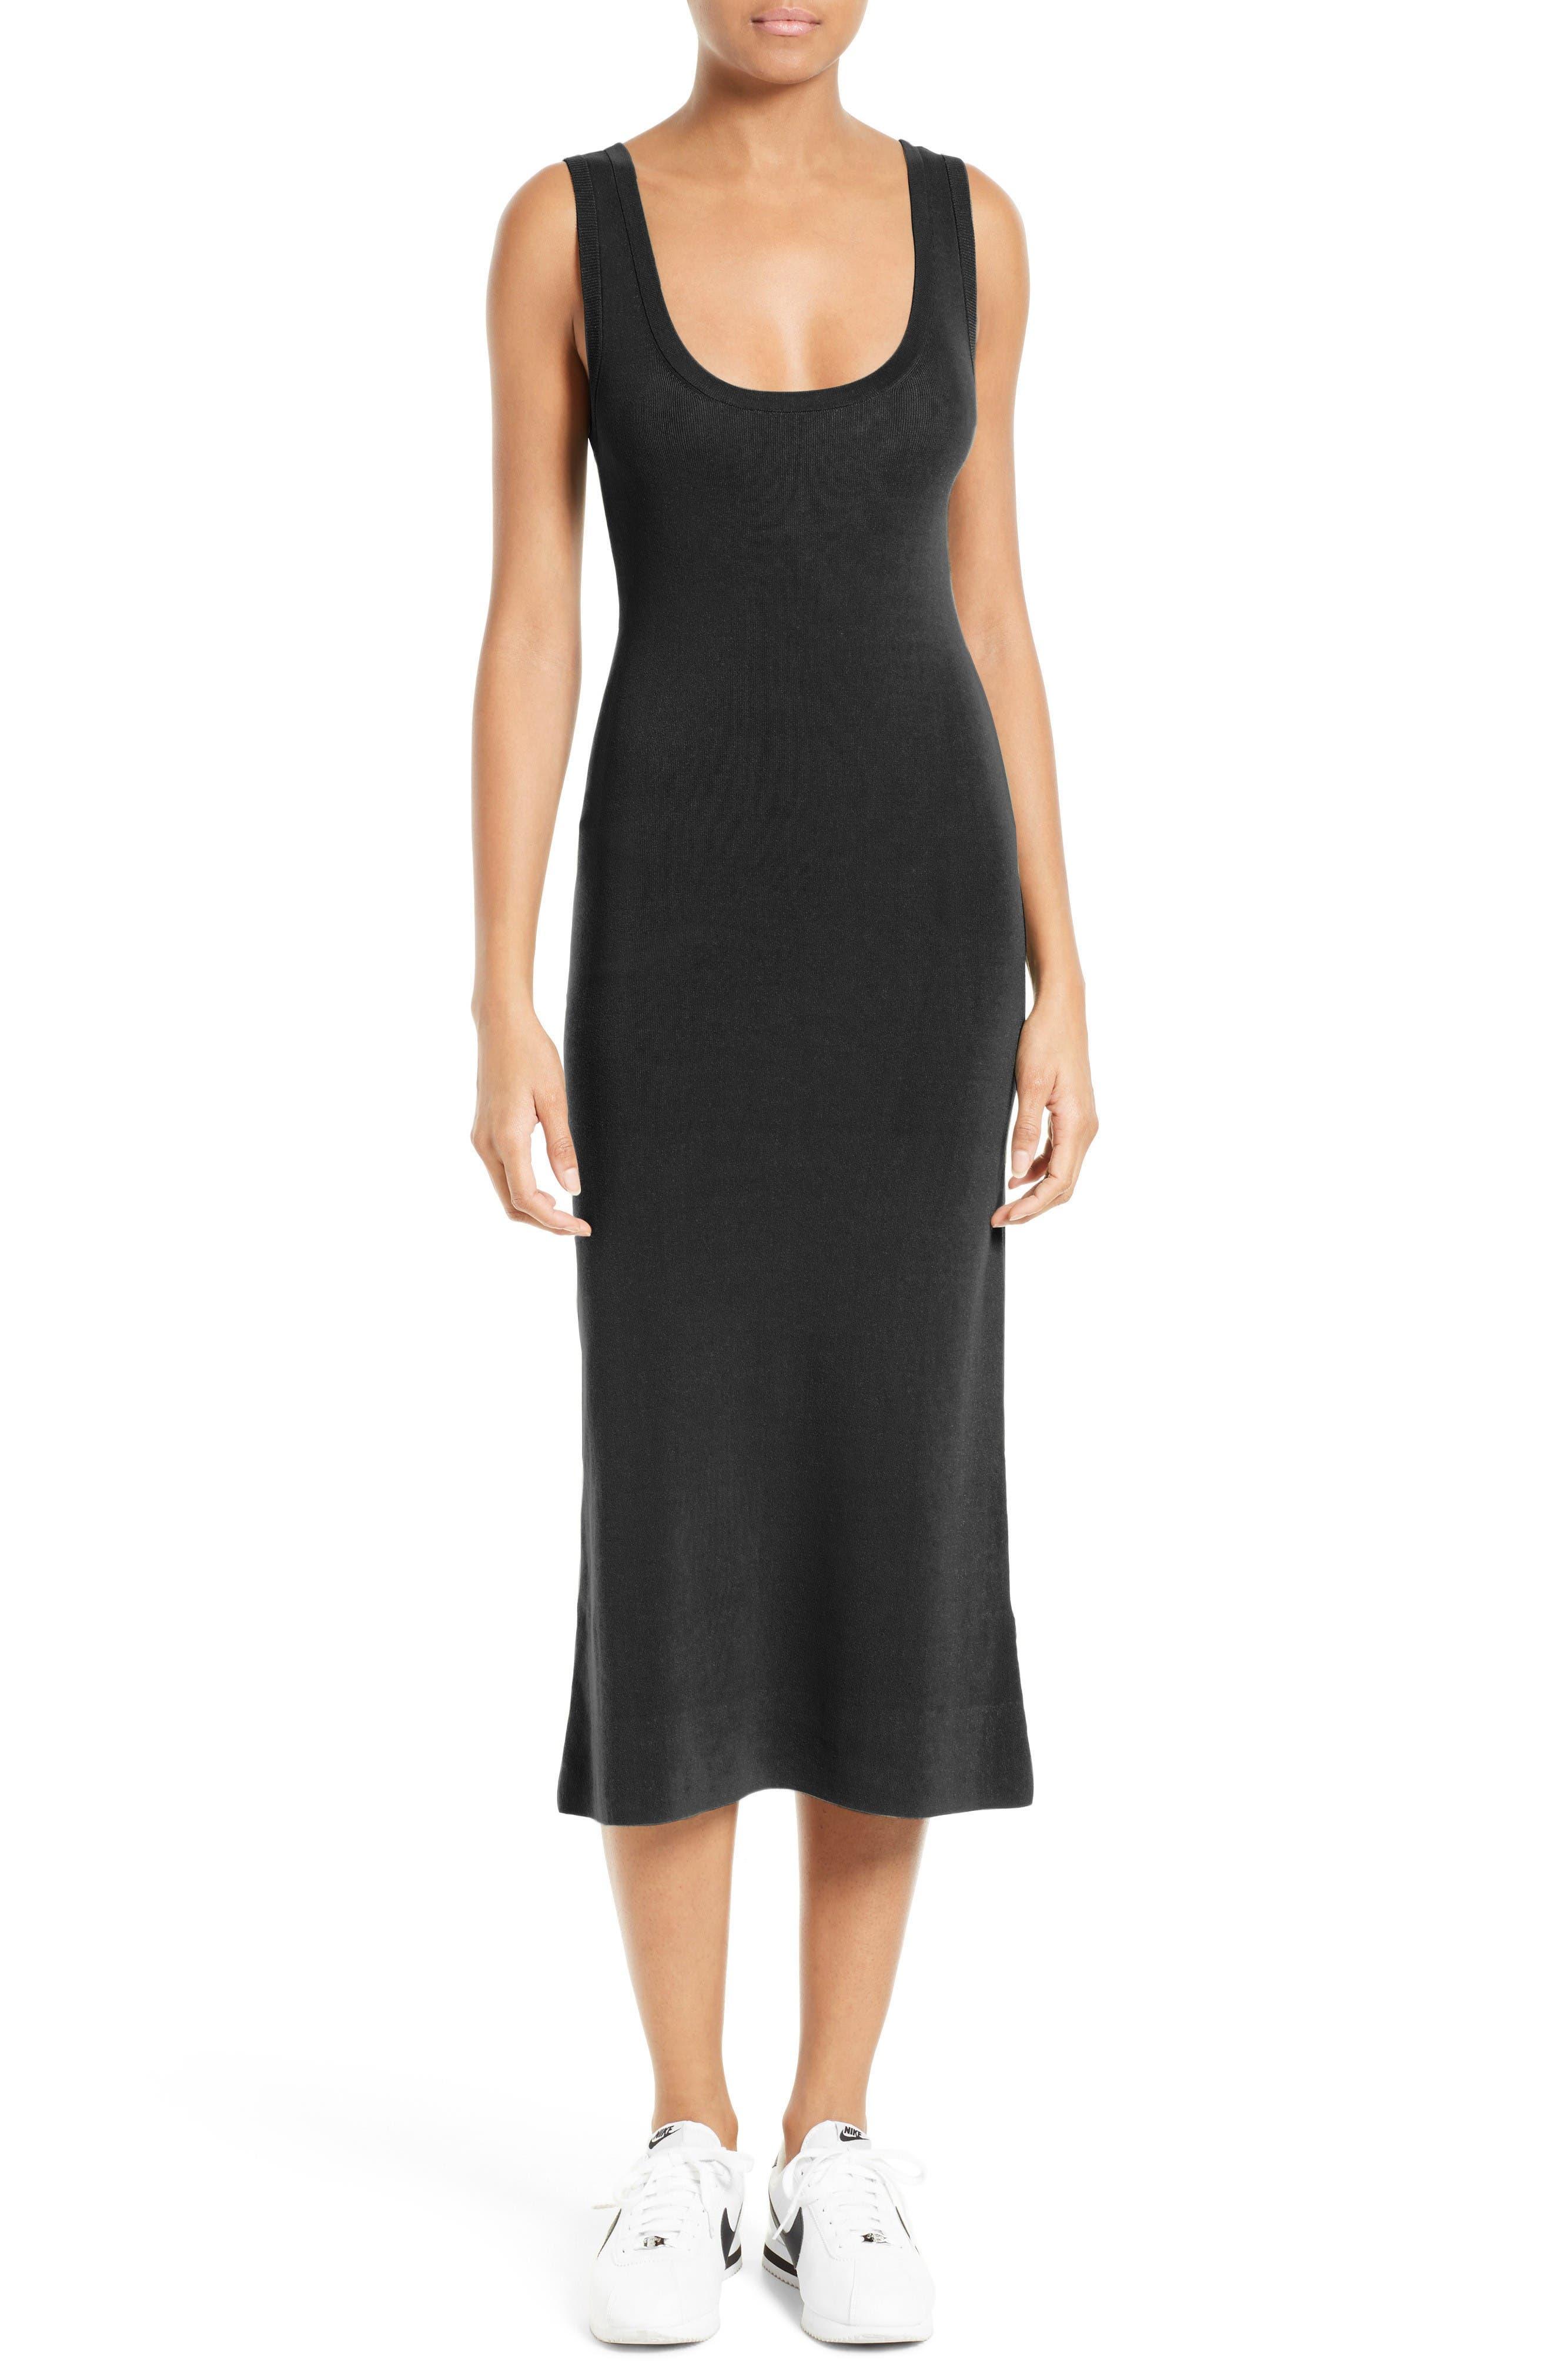 Alternate Image 1 Selected - A.L.C. Kaius Knit Midi Dress